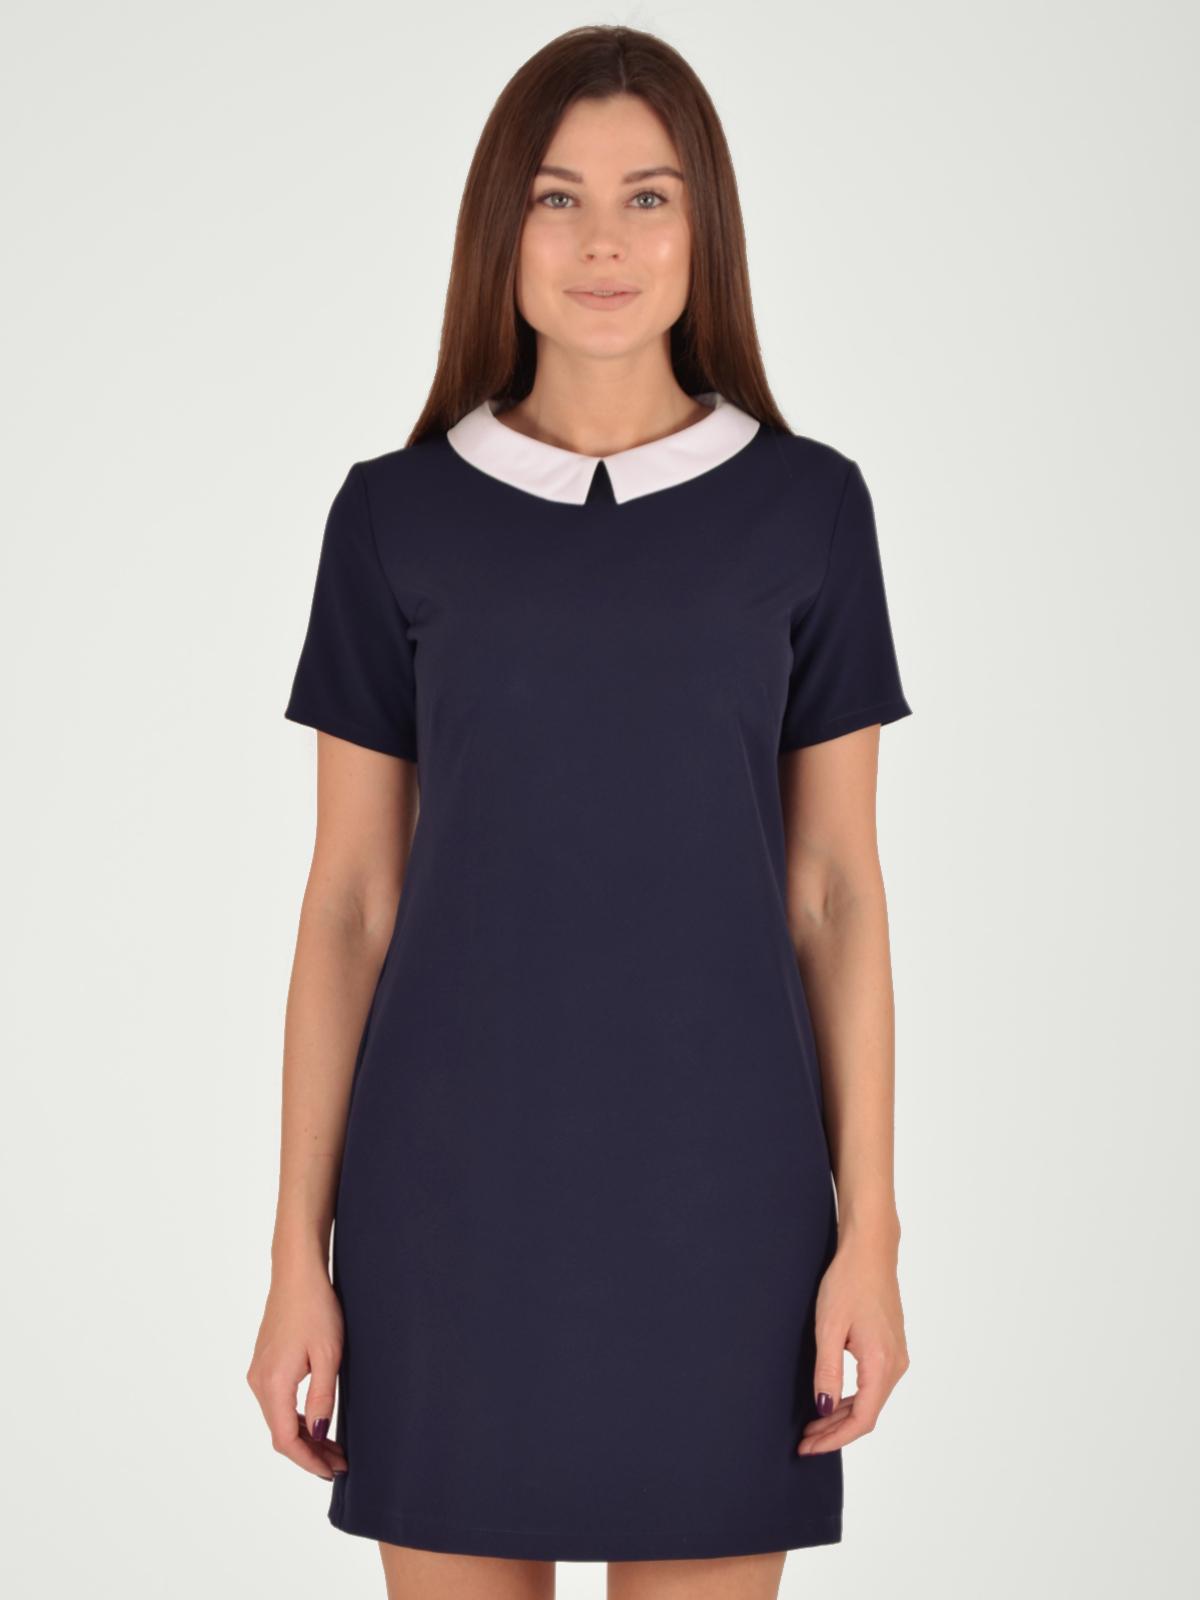 Купить со скидкой Платье женское из текстиля